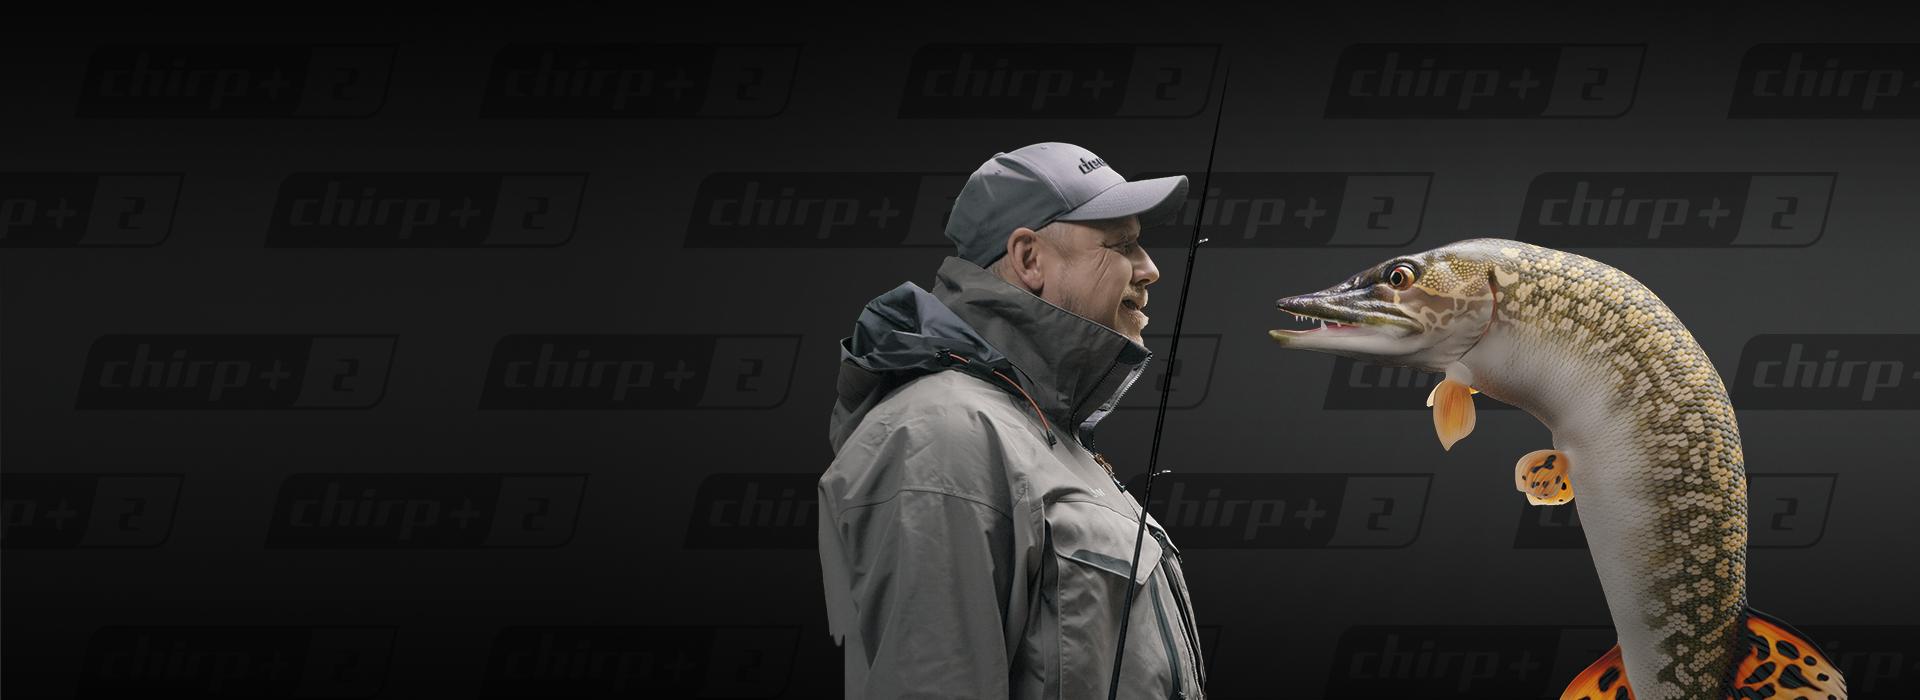 今すぐ魚を見つけたいですか? 新しいDeeper CHIRP+ 2で実現してください!